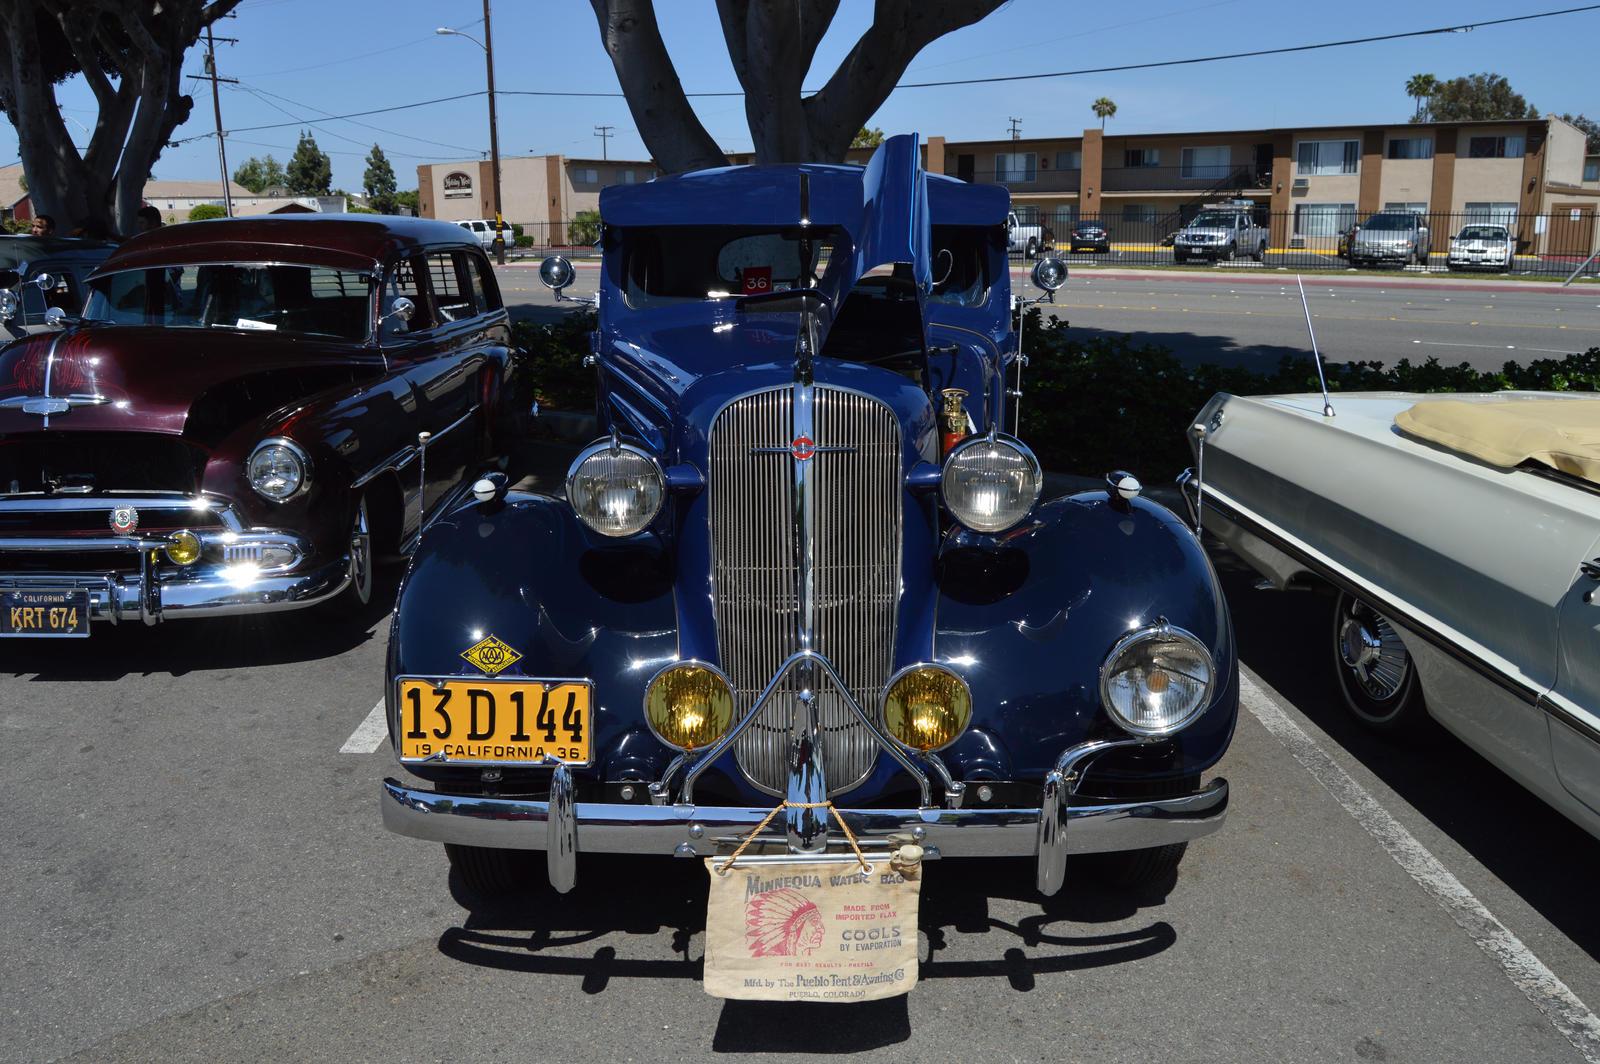 1936 chevrolet four door sedan ii by brooklyn47 on deviantart for 1936 chevy 4 door